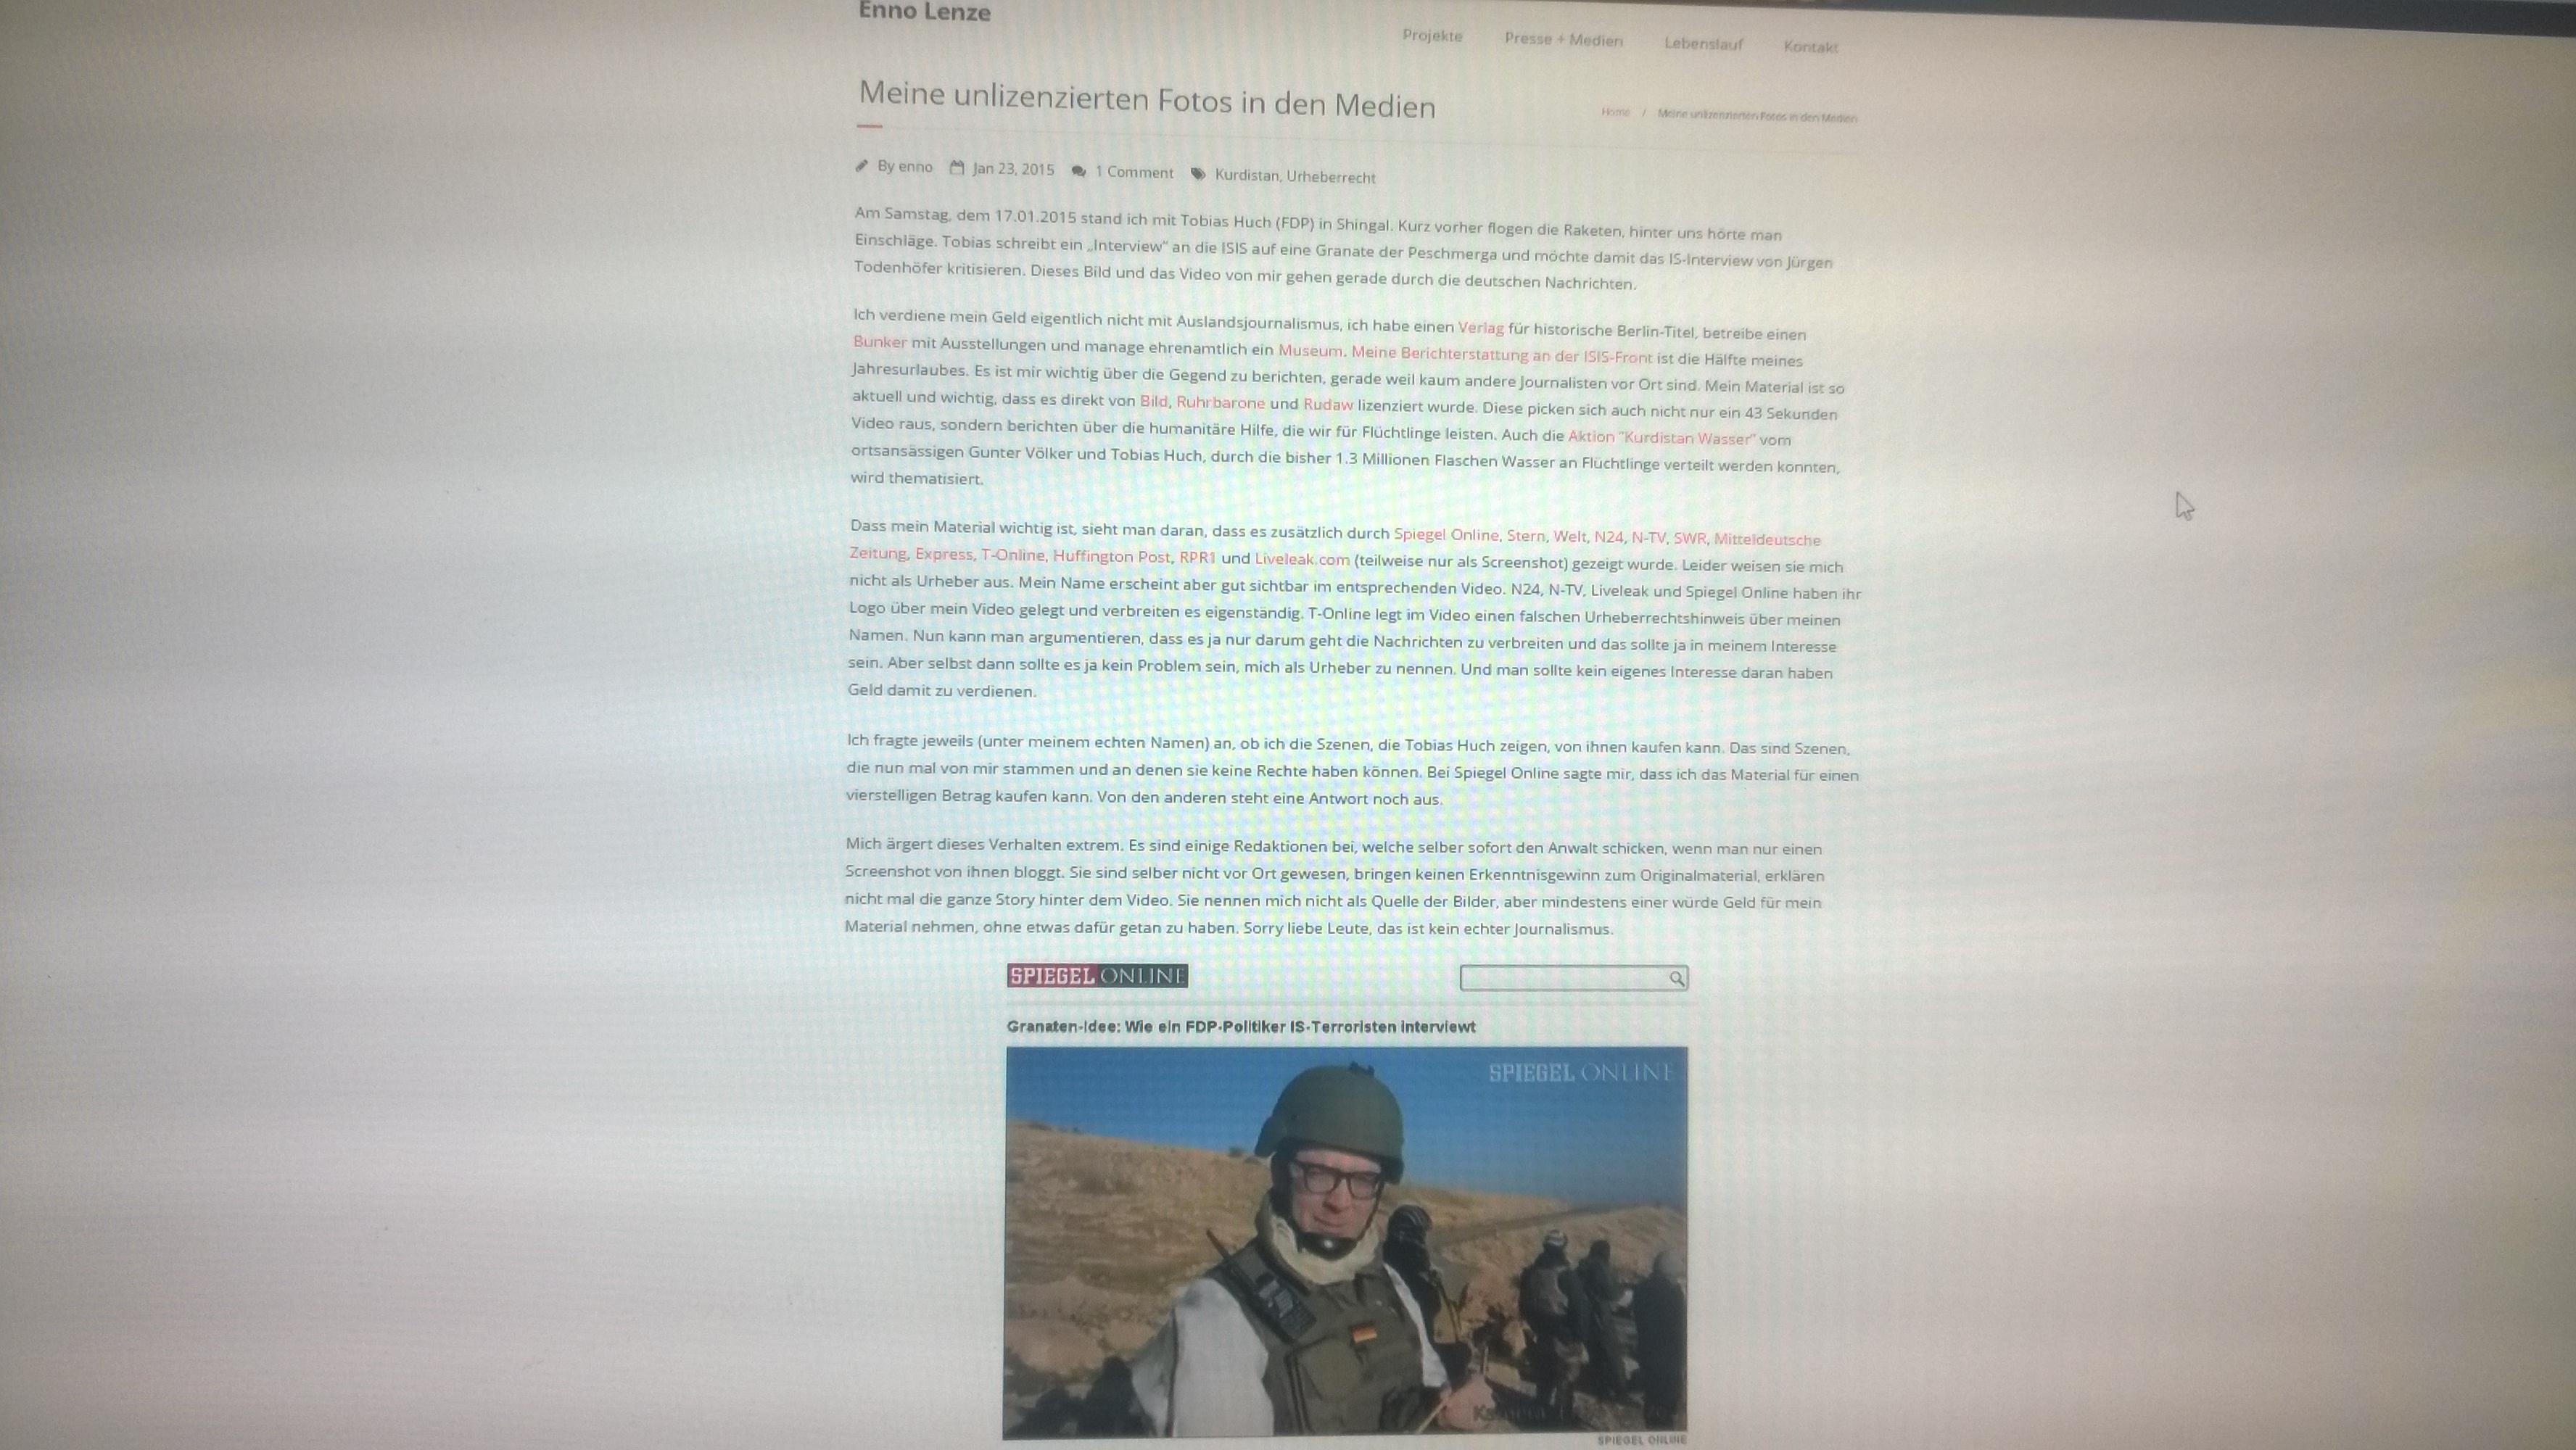 Enno Lenze, Tobias Huch und das Irak Video in den Medien